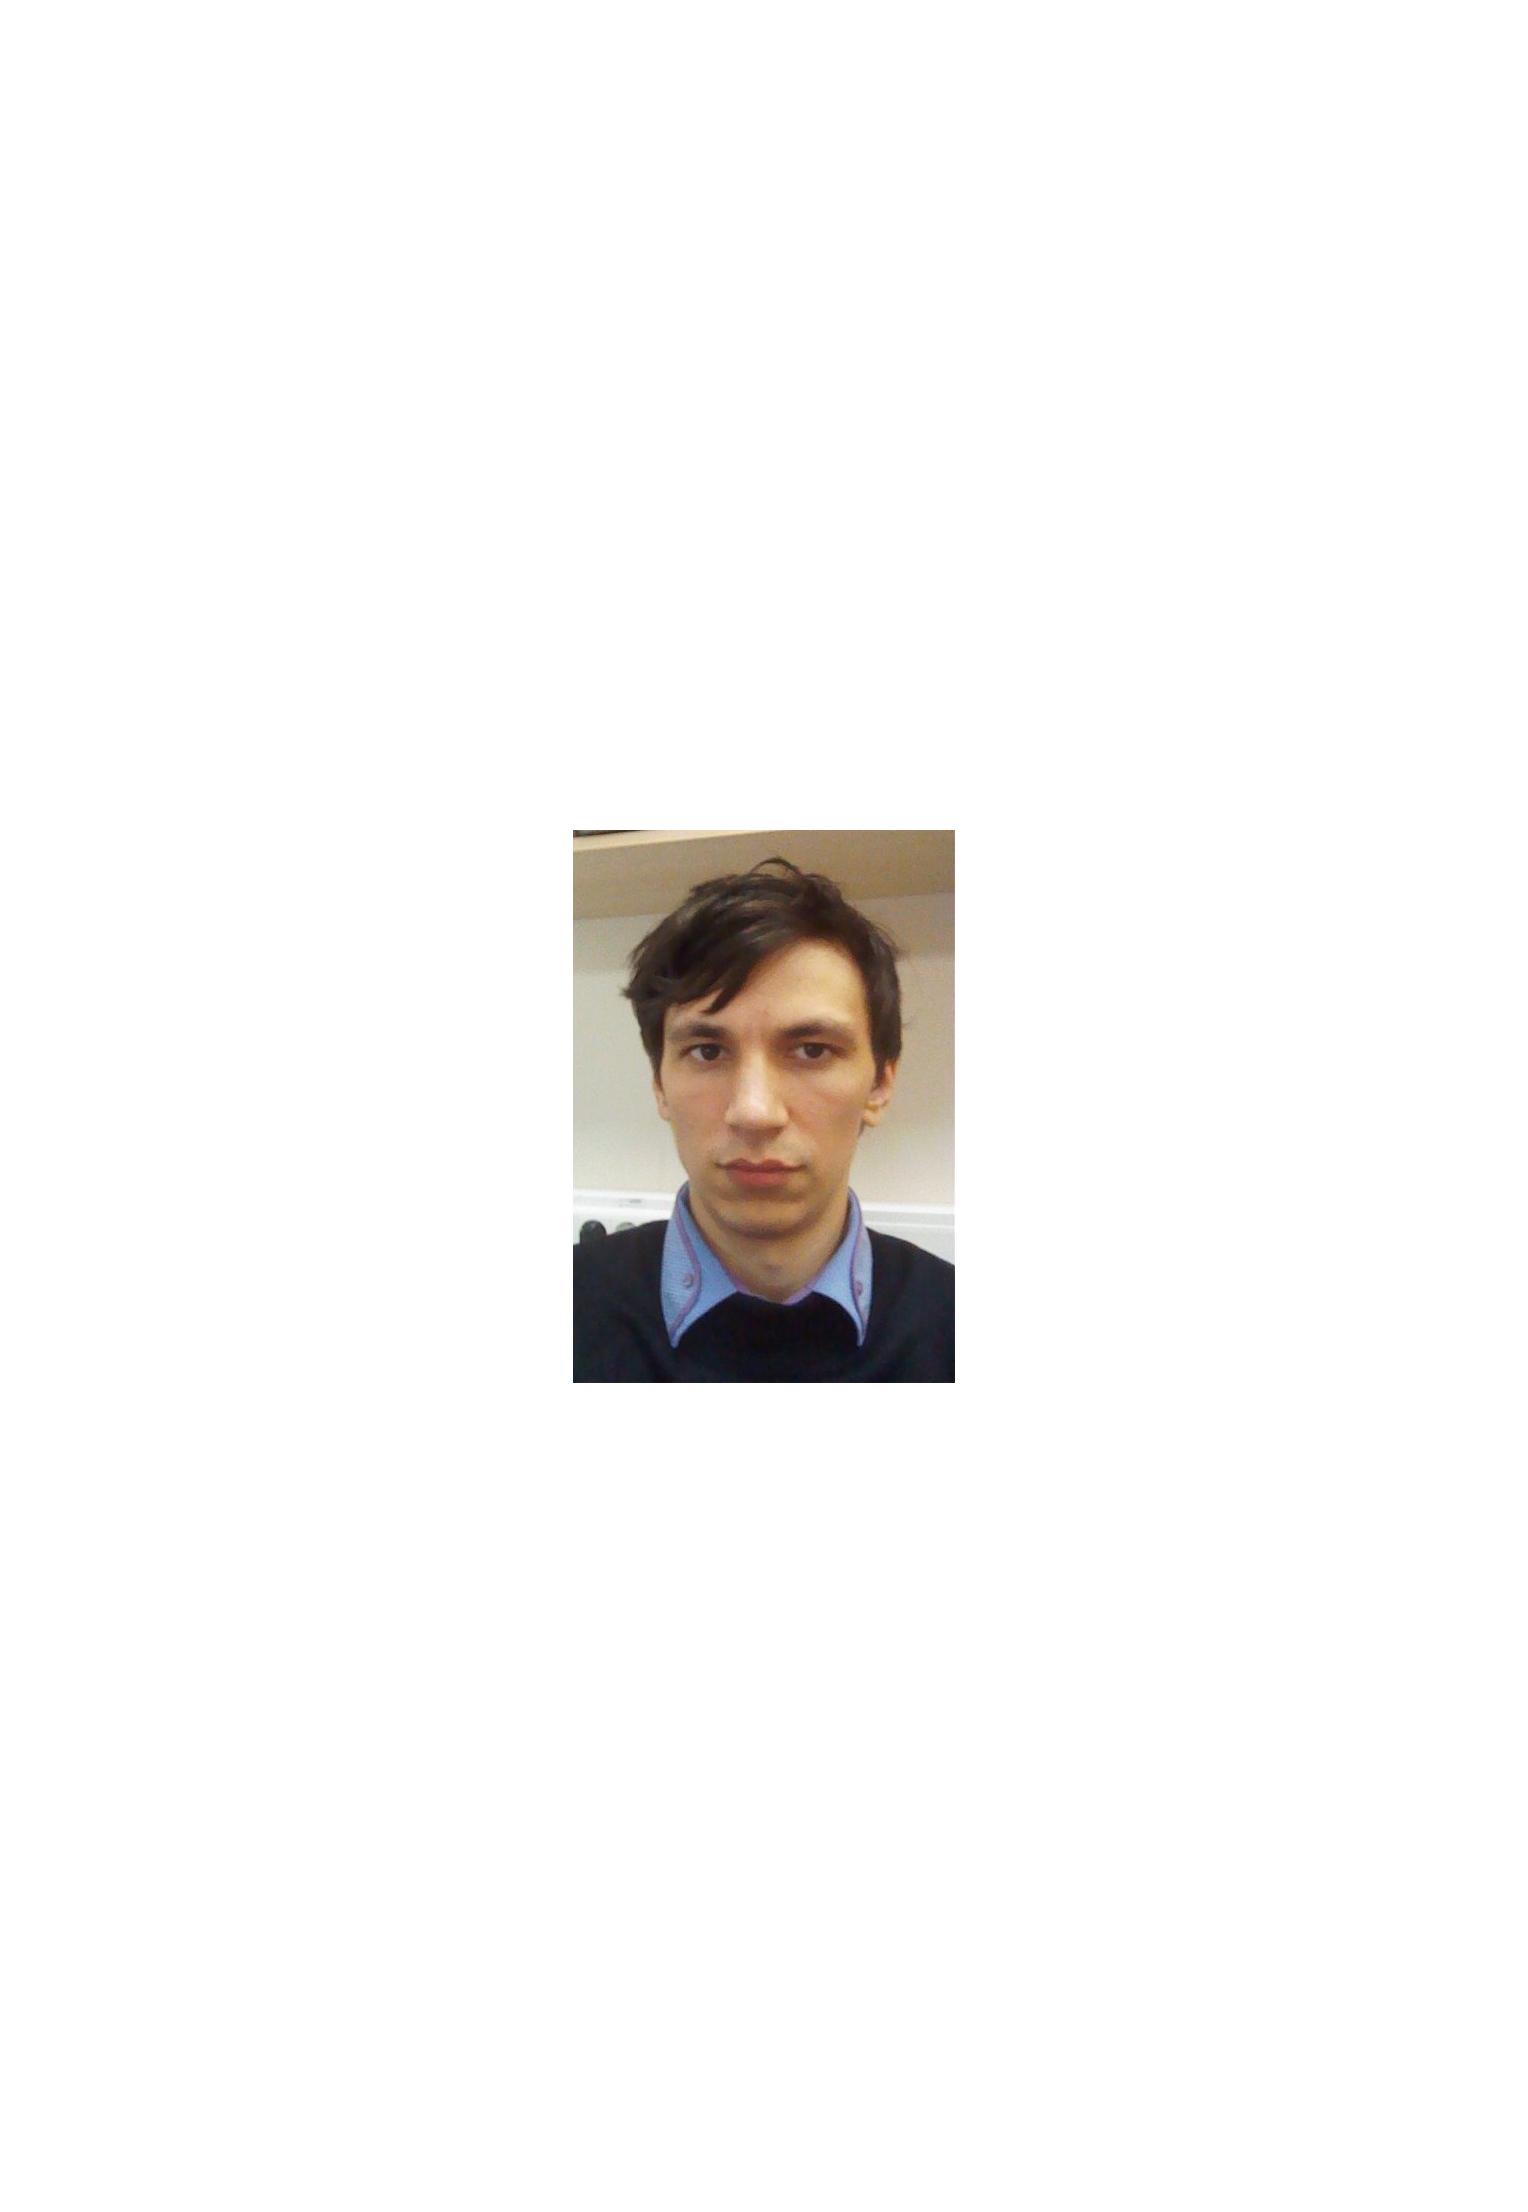 Габдрахманов Азат Исхакович